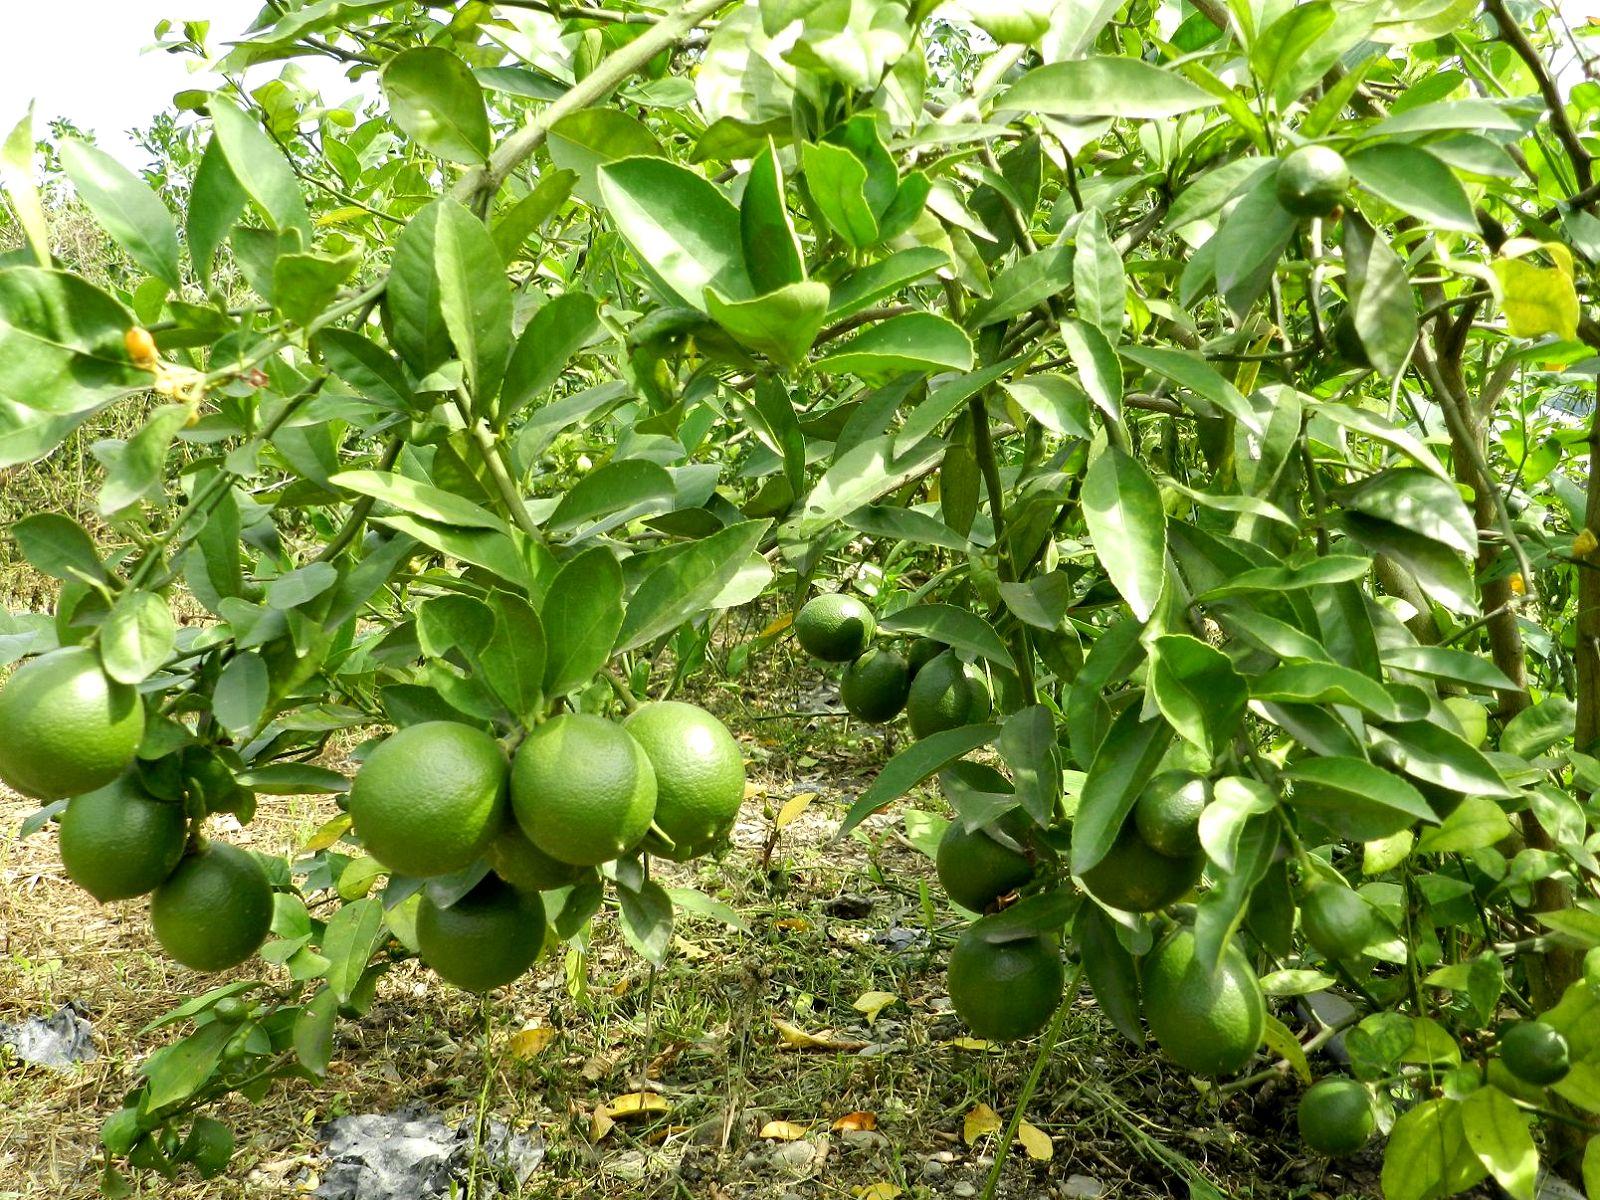 終點 新的起點: Like go 來顆果 行口批發 屏東 高樹鄉 新鮮水果農特產 無仔檸檬 有仔四季檸檬 上市訂購中!!